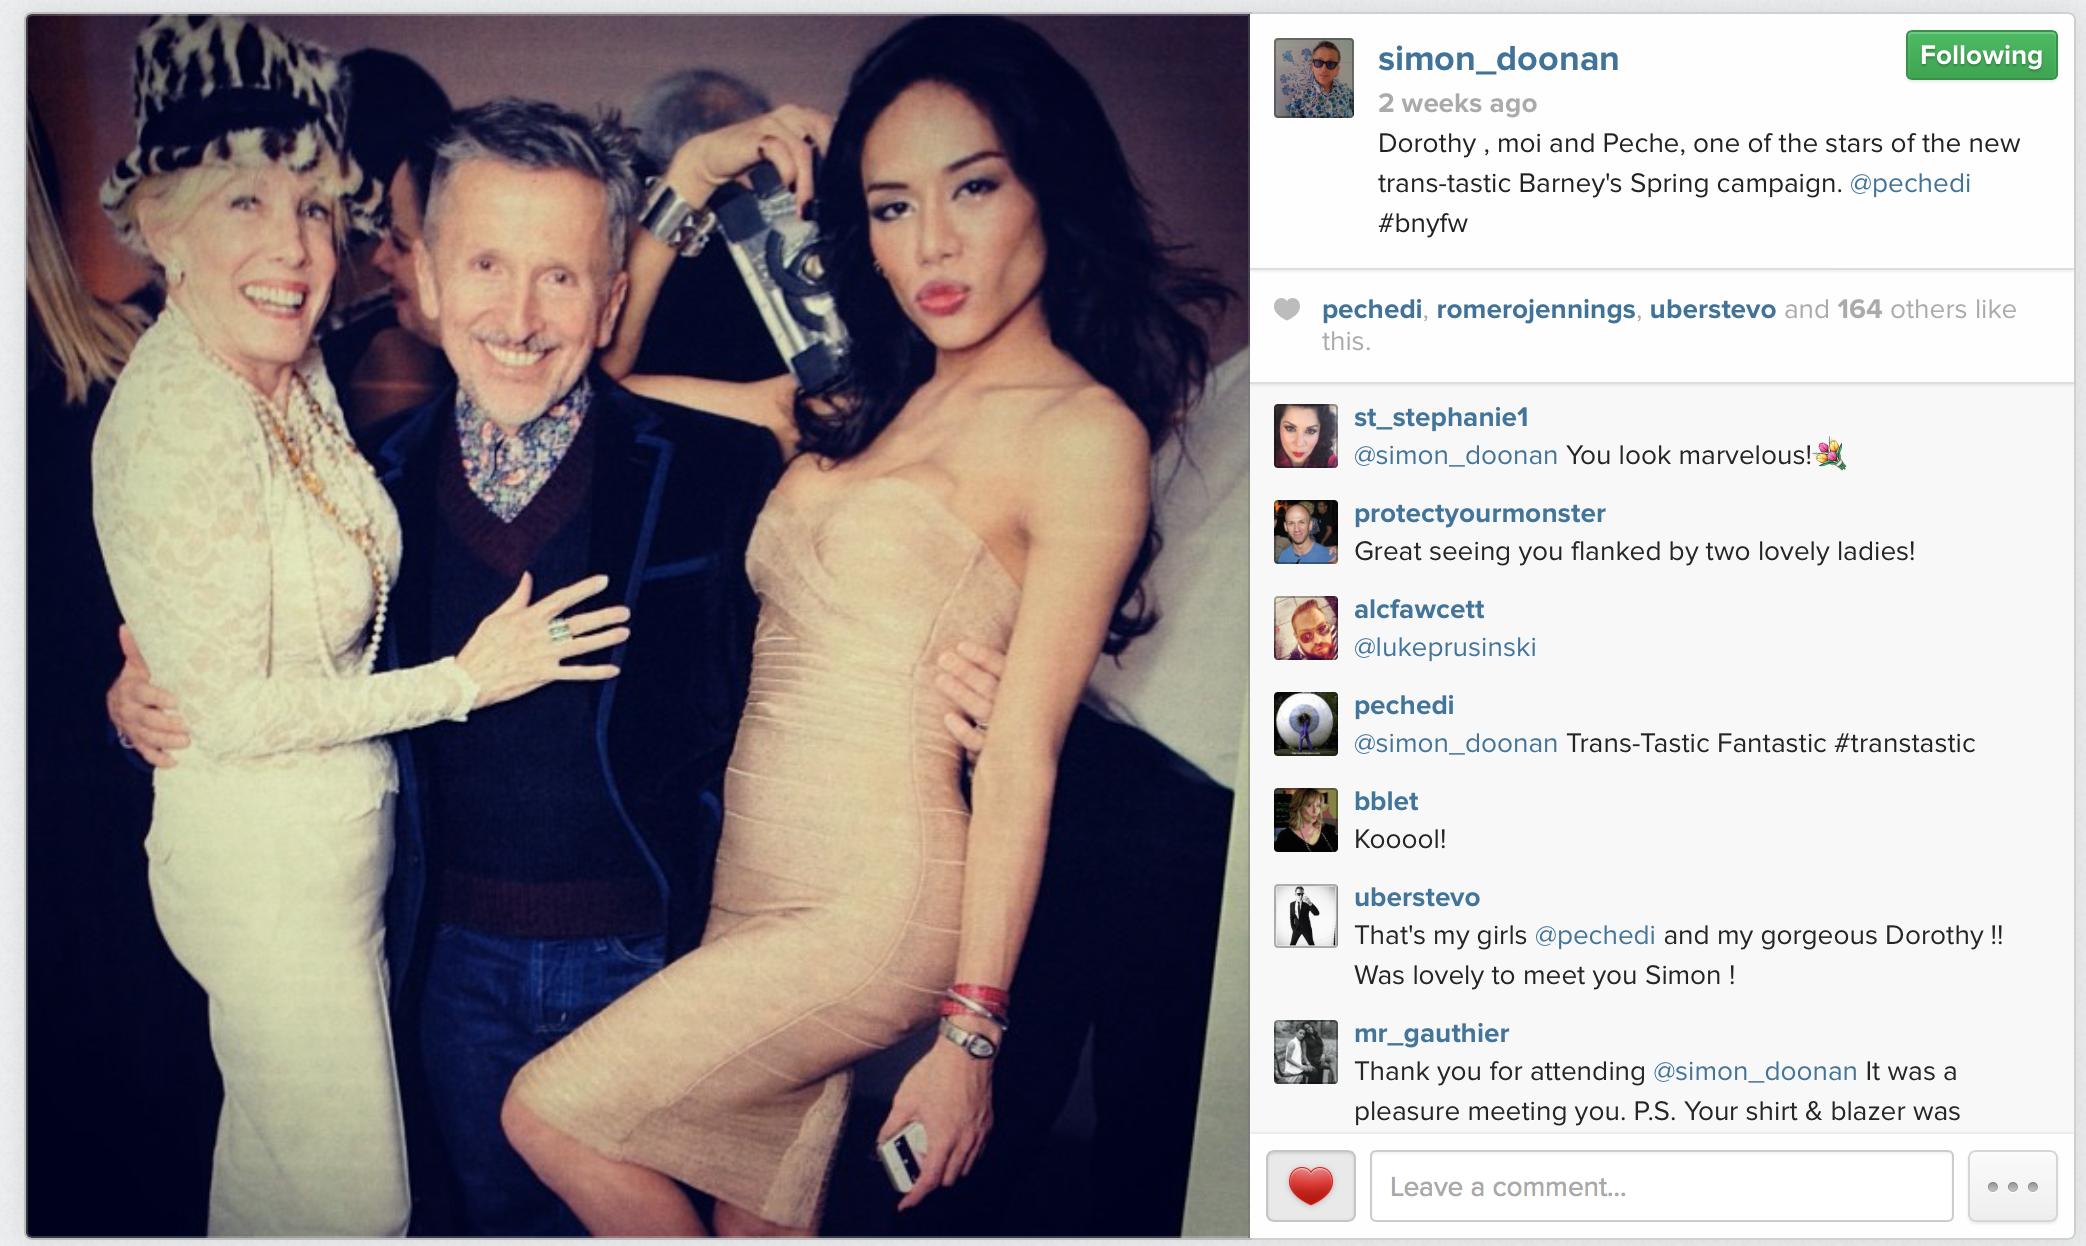 ไซมอน ดูนาน โพสรูปผ่านทาง Instagramแล้วทวิสเตอร์ (http://www.simondoonan.com)